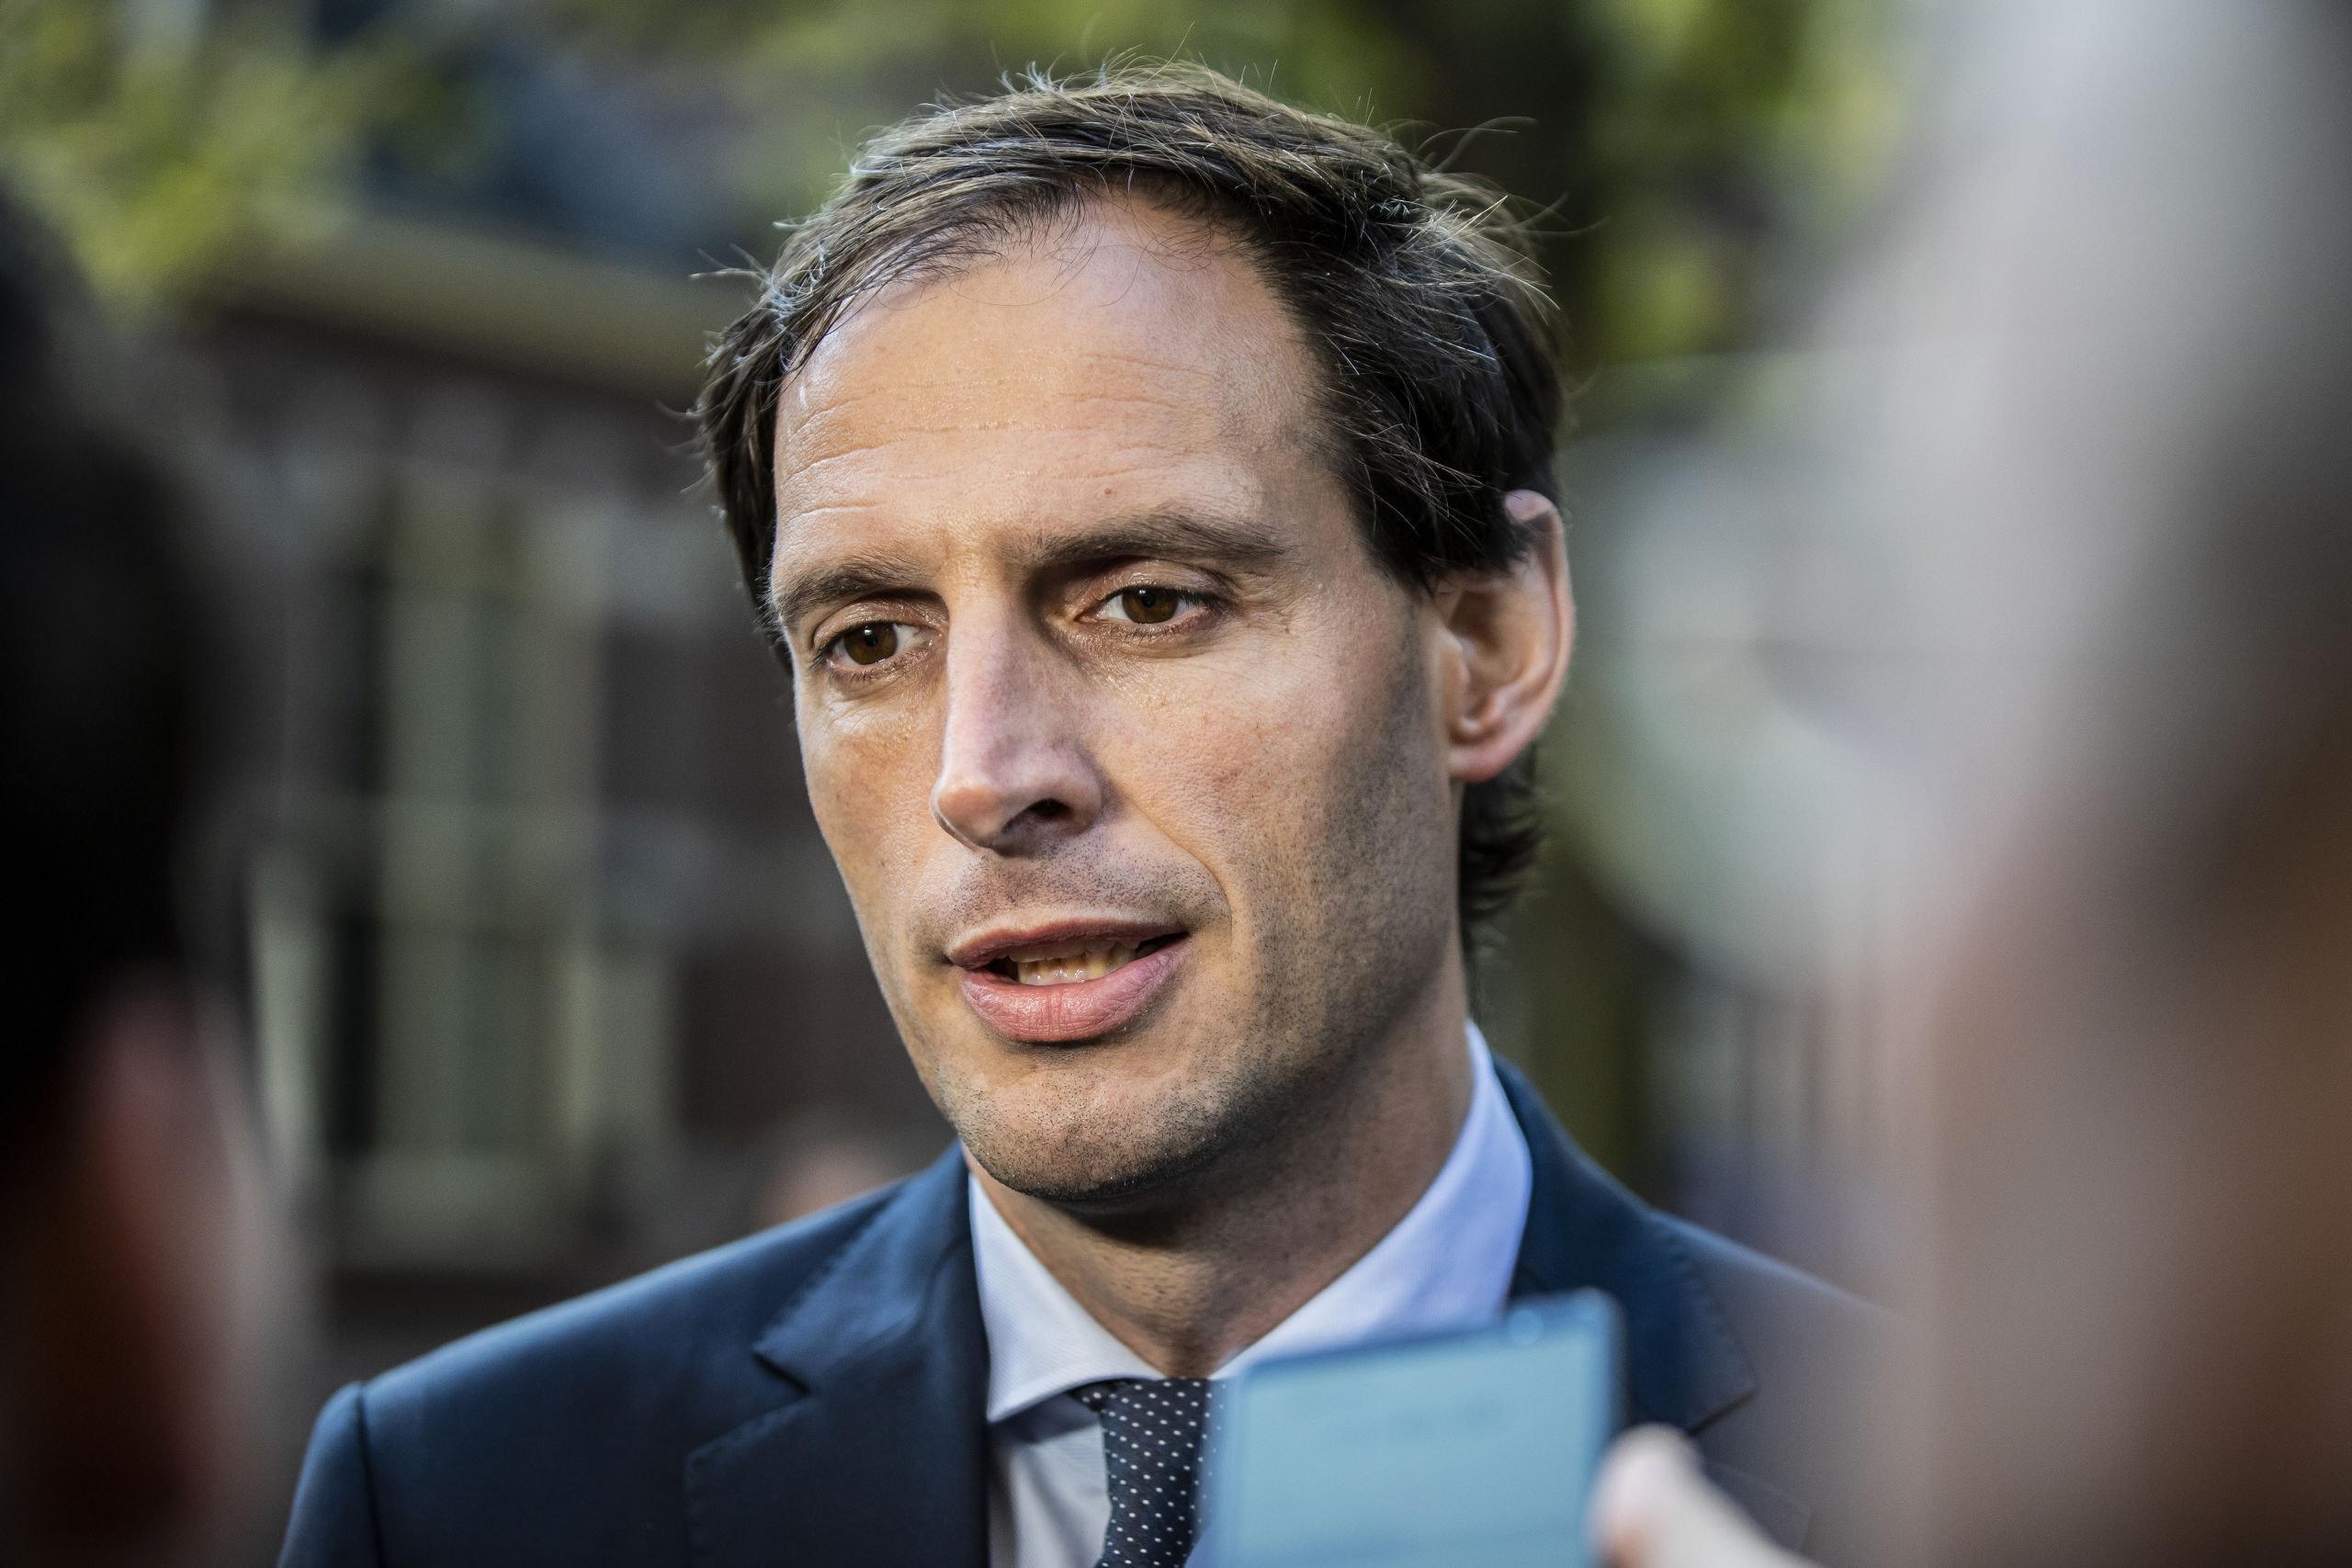 DEN HAAG  - Wopke Hoekstra minister van Financiën staat de pers te woord voor aanvang van de wekelijkse ministerraad.COPYRIGHT HOLLANDSE HOOGTE /LAURENS VAN PUTTEN